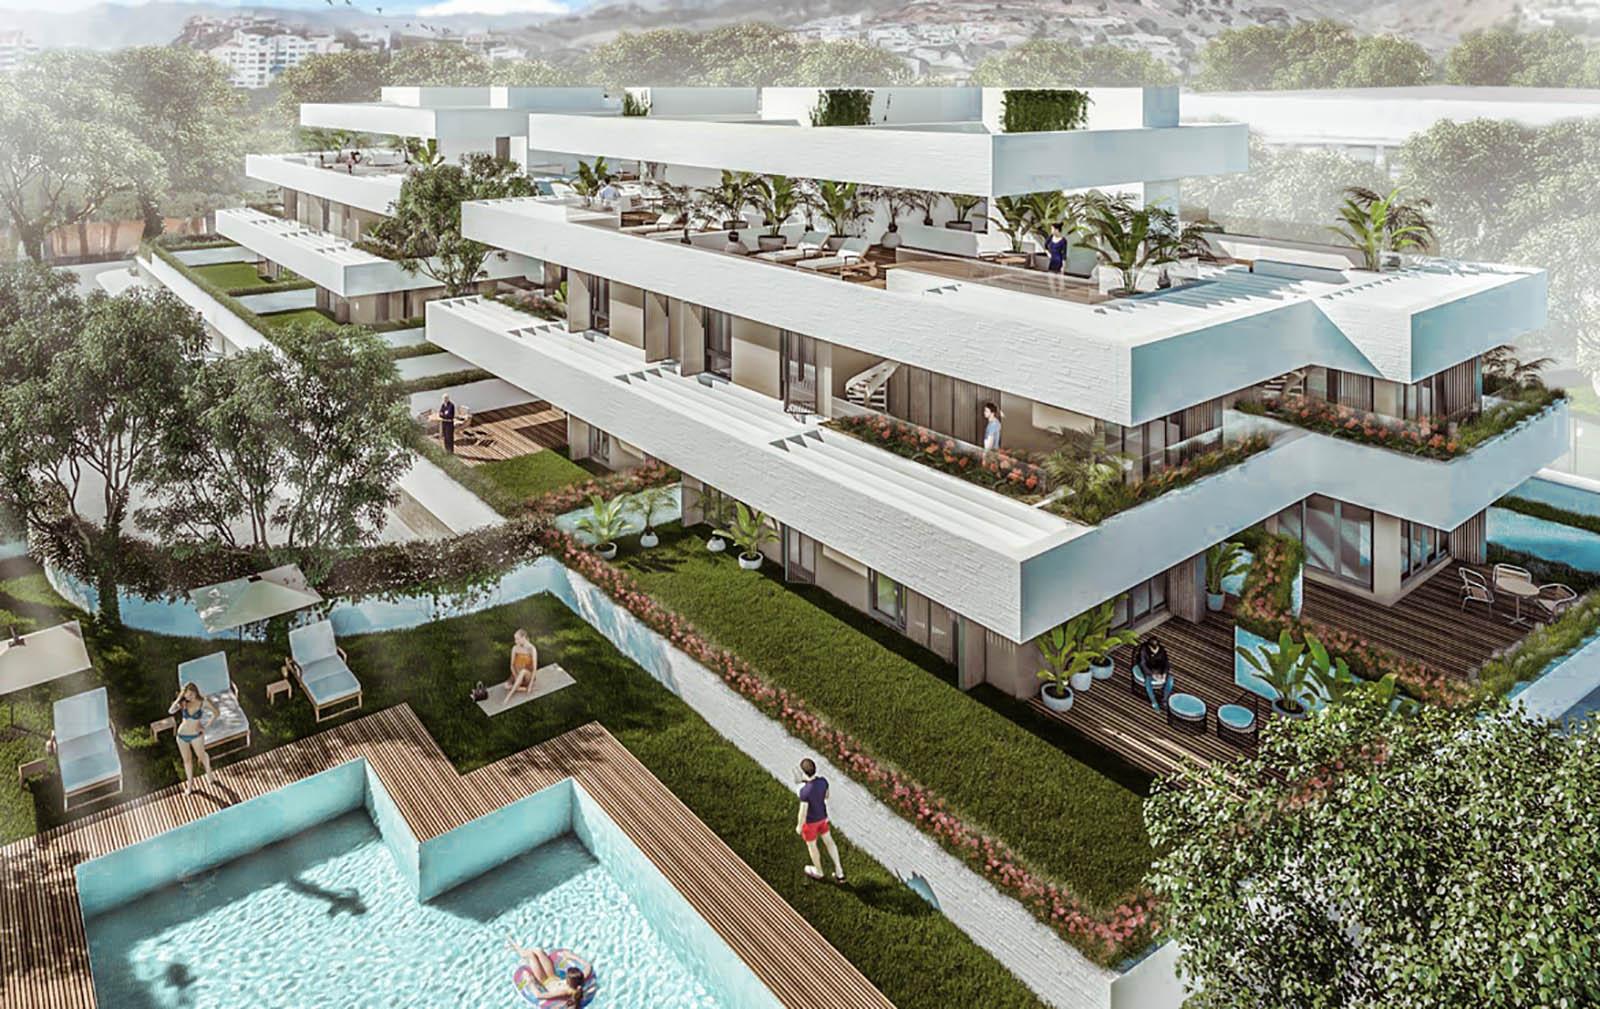 Herysan inicia la construcción de 14 viviendas unifamiliares en el Limonar